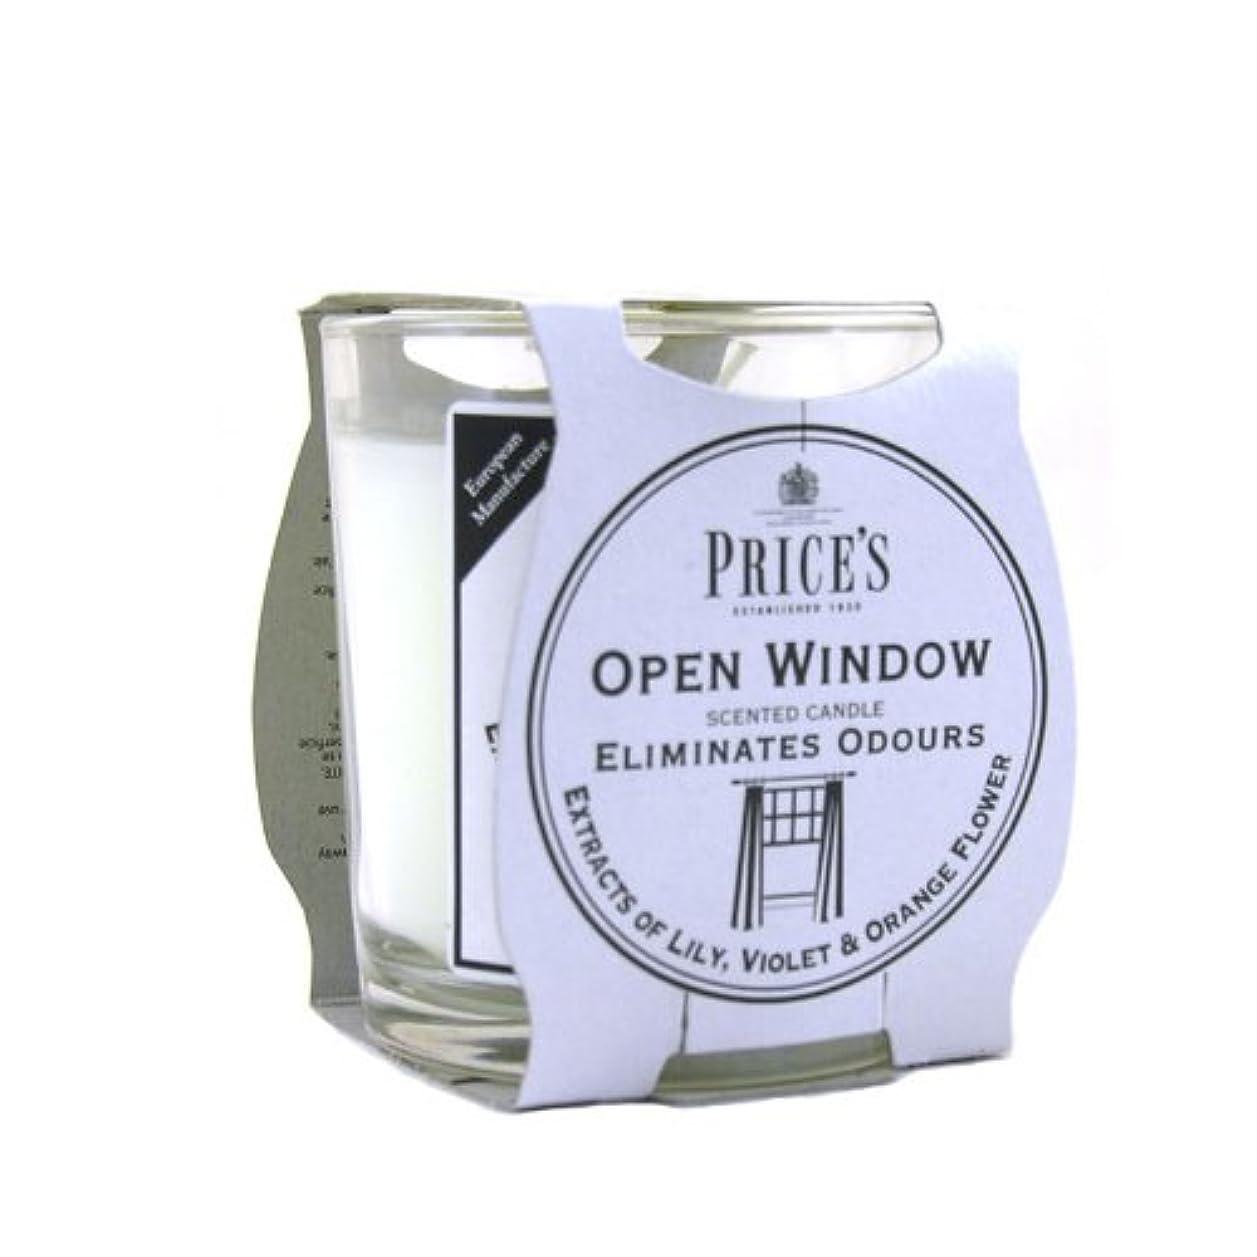 沈黙光同様にPrice′s(プライシズ) Fresh Air CANDLE TIN Jar type (フレッシュエアー キャンドル ジャータイプ) OPEN WINDOW(オープンウィンドゥ)